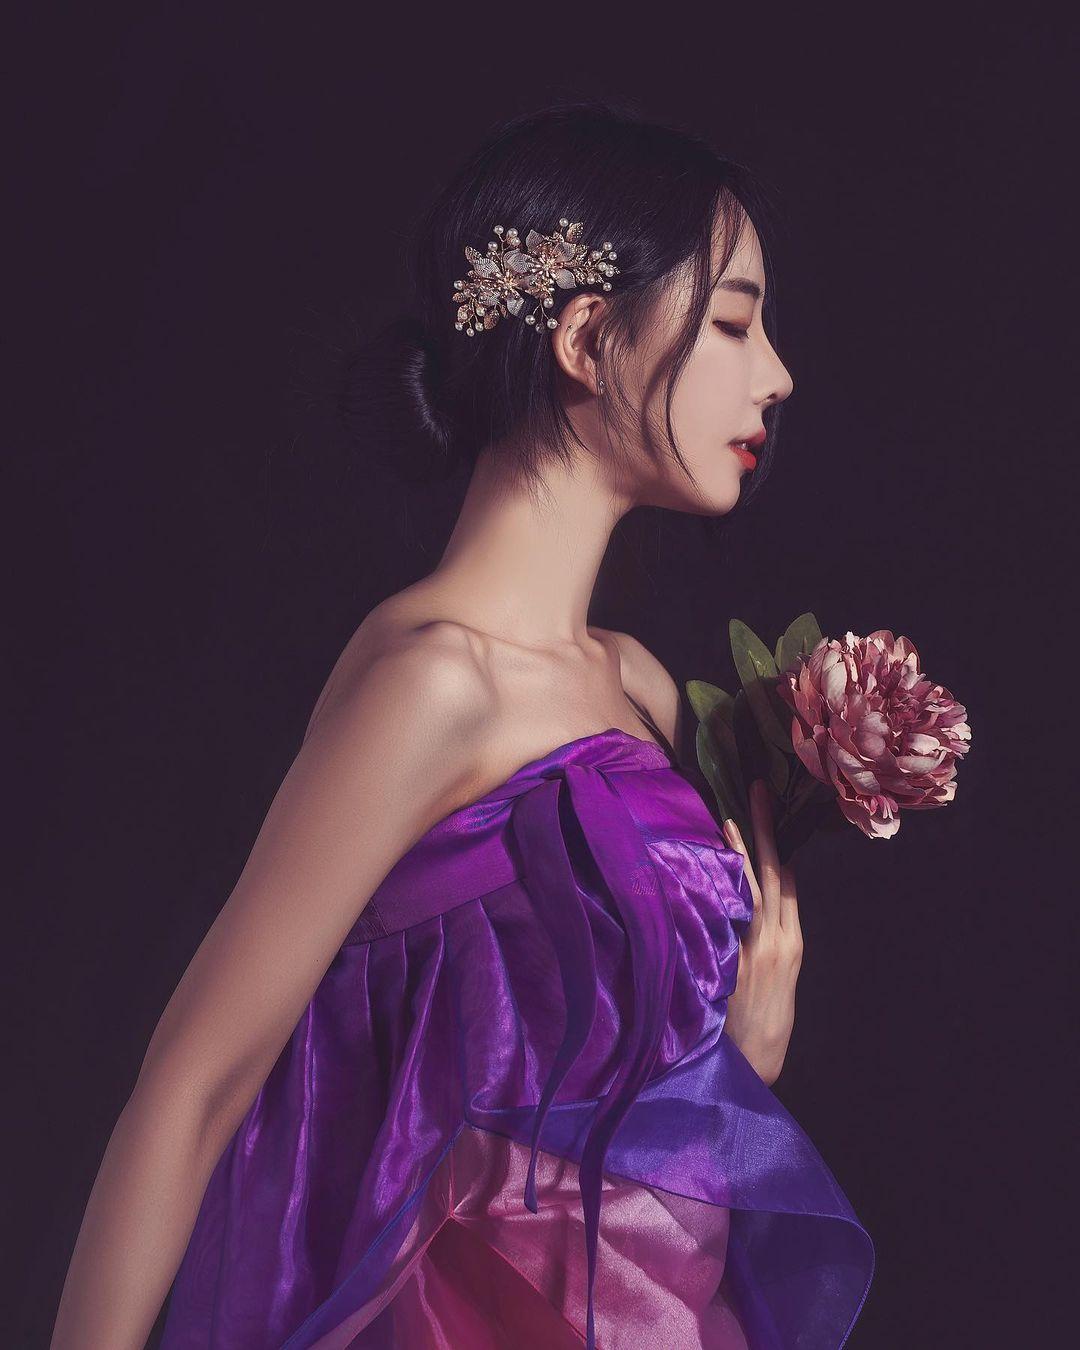 """Tân á hậu Hàn Quốc mặc hanbok hở nửa ngực nhưng không bị """"ném đá"""" - hình ảnh 8"""